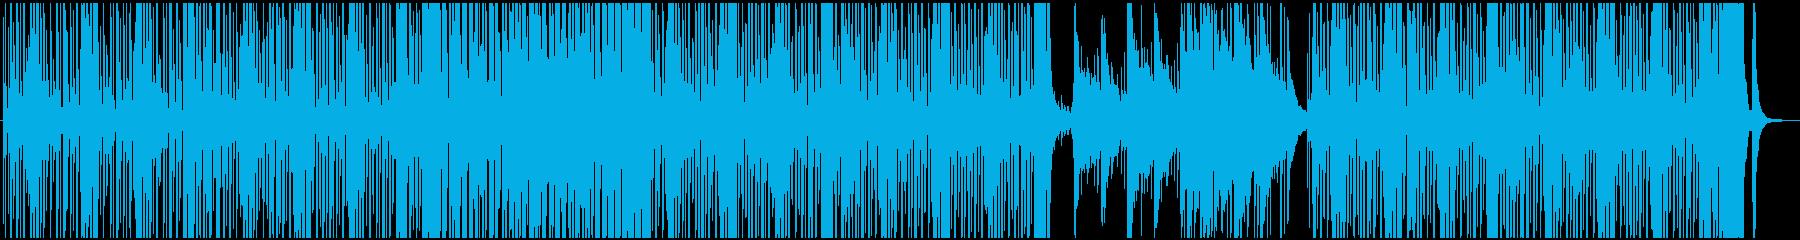 民謡 アクティブ 明るい 広い 壮...の再生済みの波形